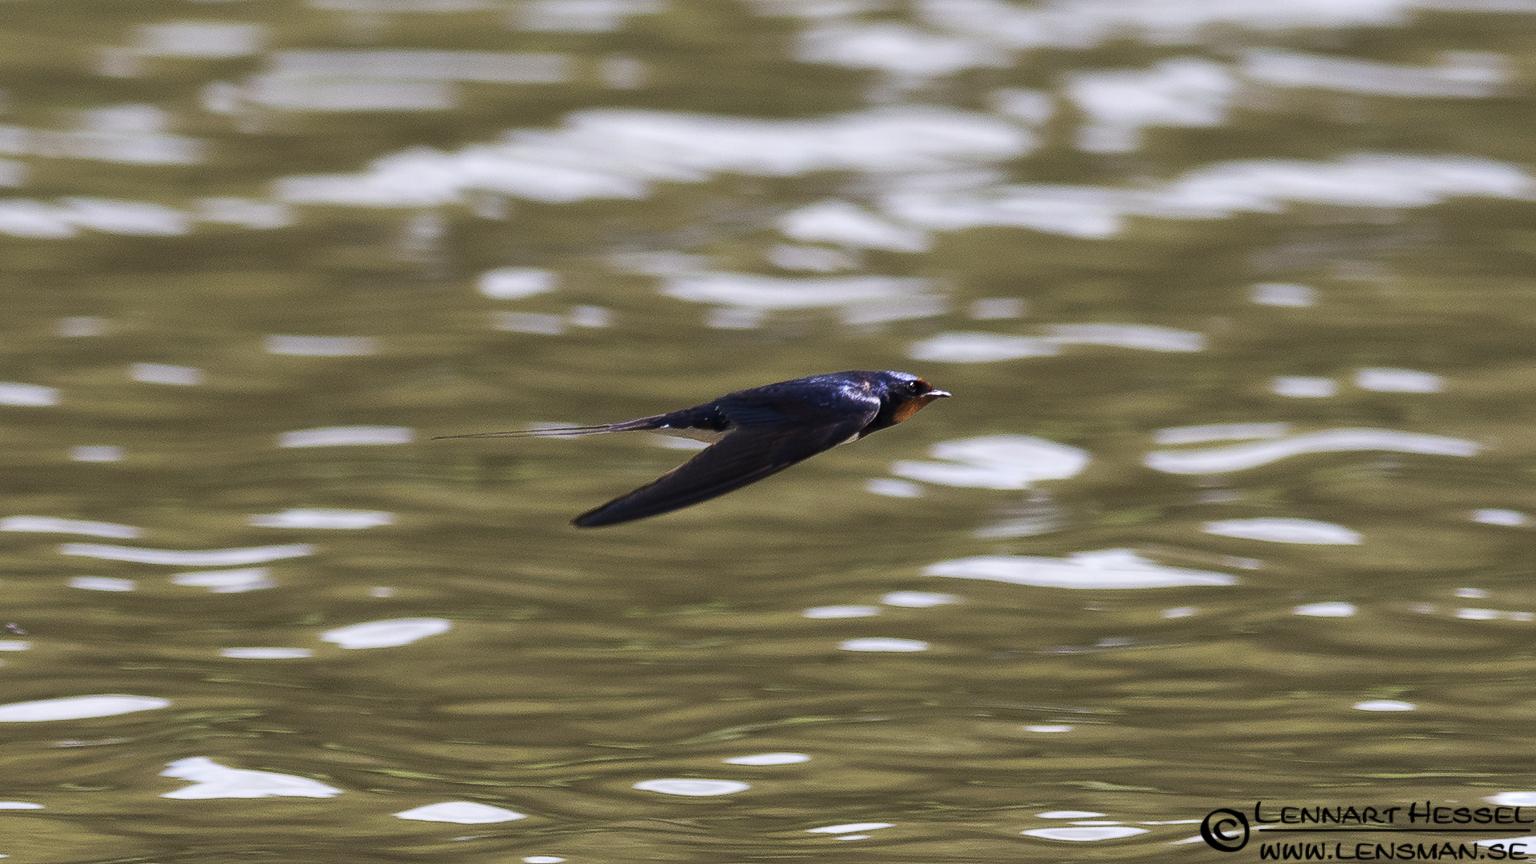 A Barn Swallow speeding over the water at Lärjeån.